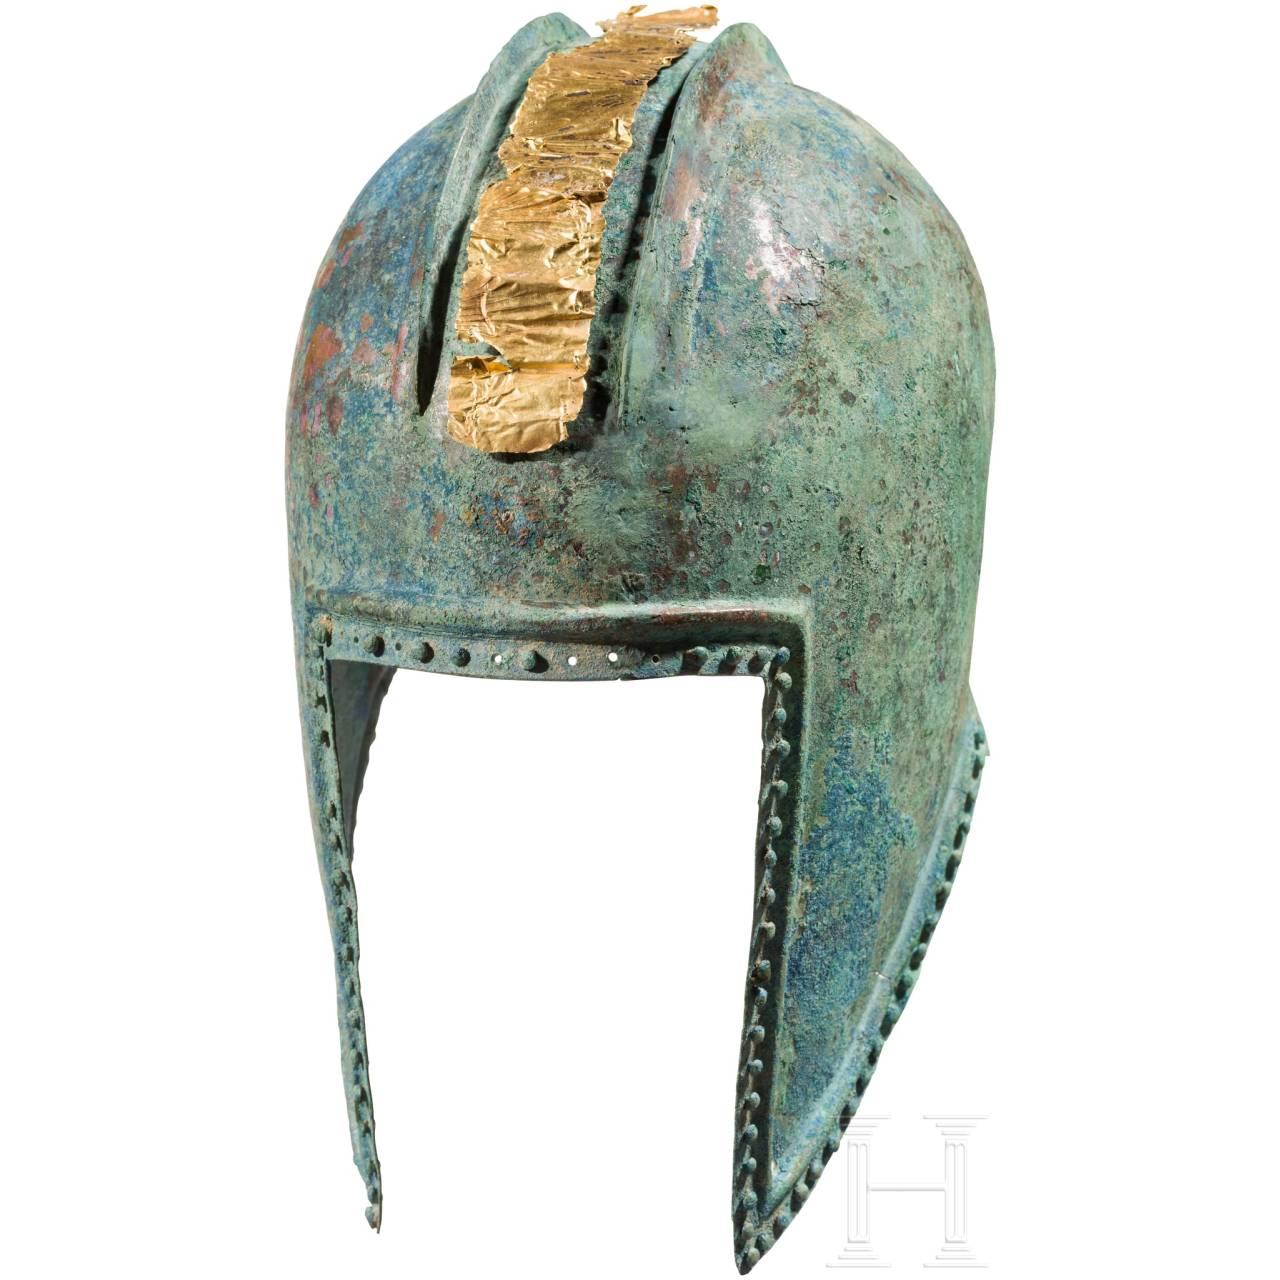 Illyrischer Helm, Griechenland, 5. Jhdt. v. Chr.